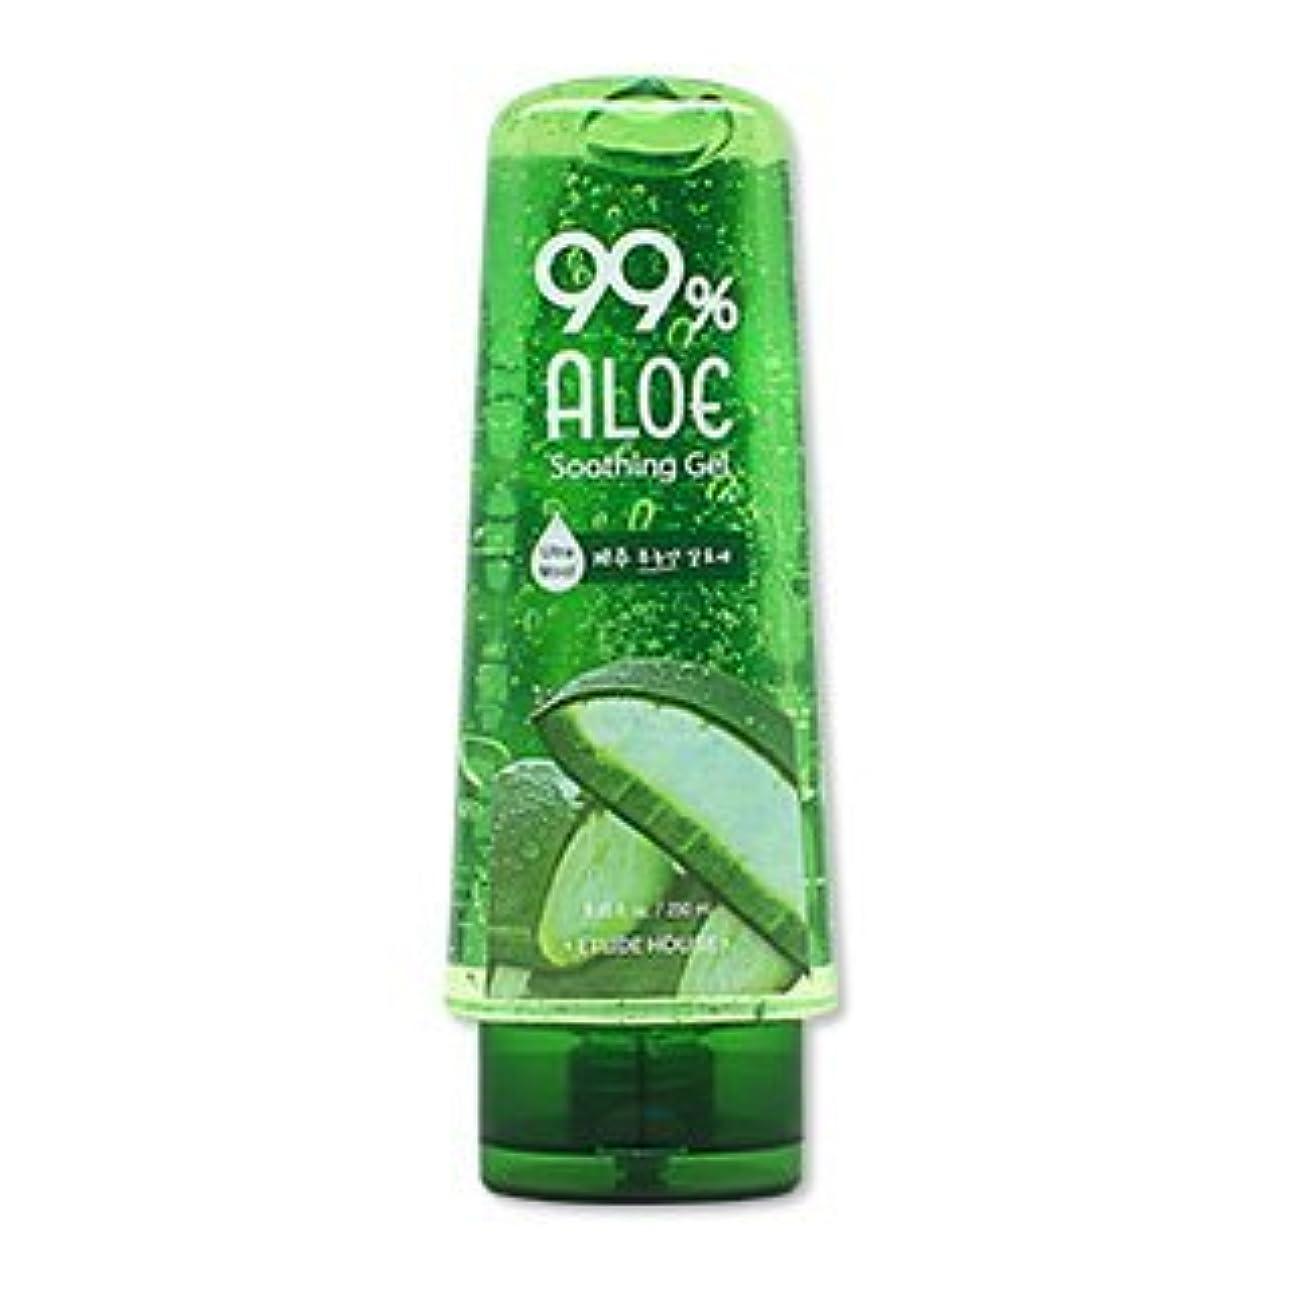 正確さ切り下げ知覚できるETUDE HOUSE 99% Aloe Soothing Gel 250ml/エチュードハウス 99% アロエ スージング ジェル 250ml